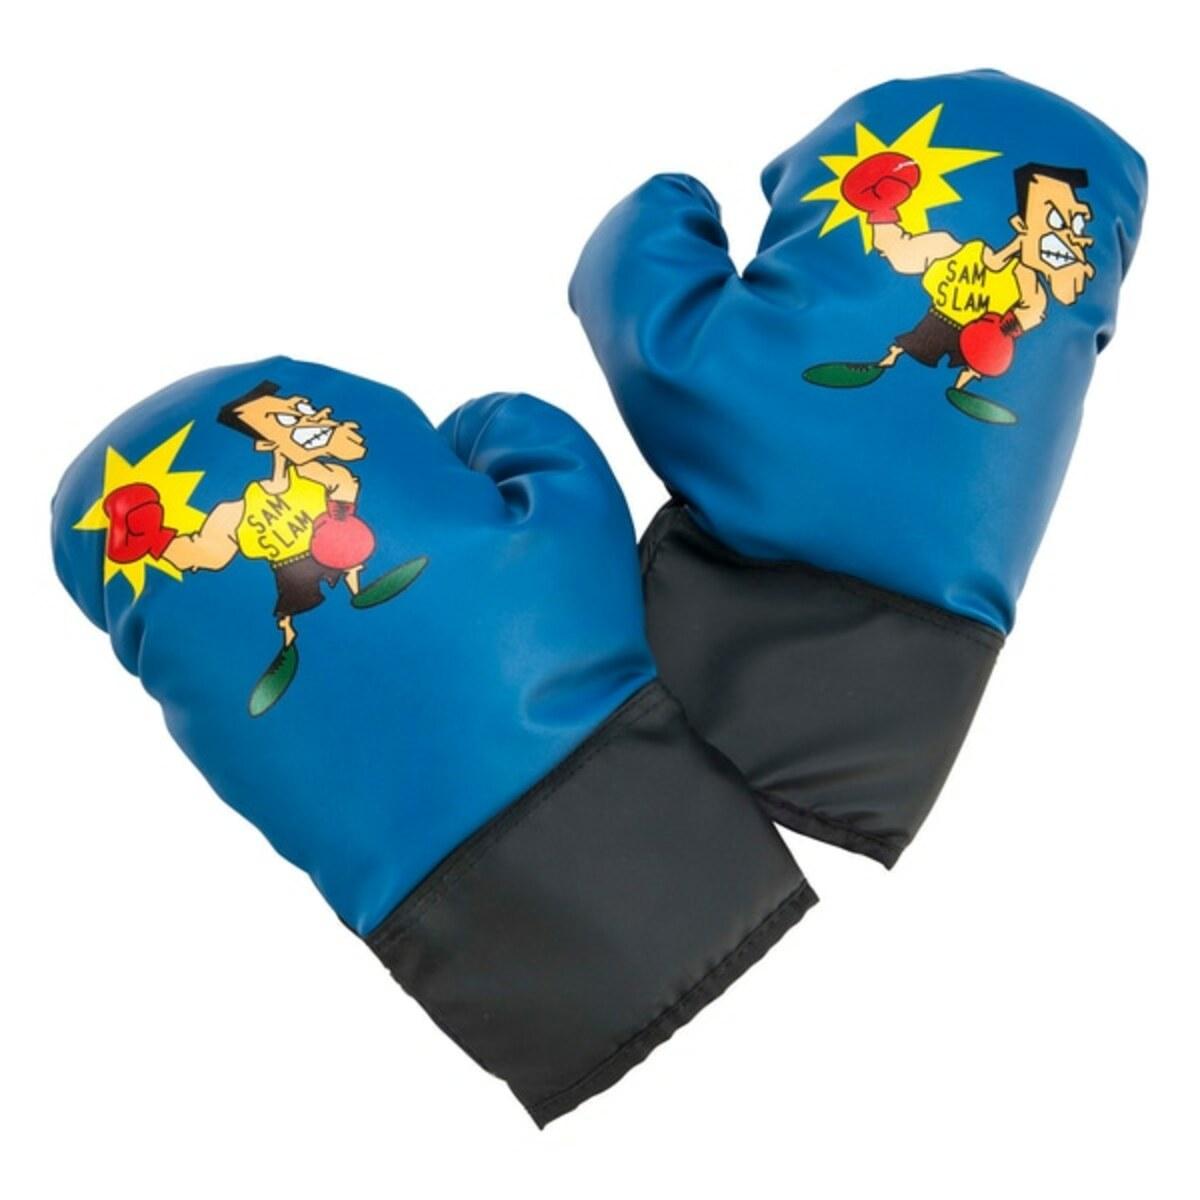 Bild 4 von Boxständer mit Handschuhen